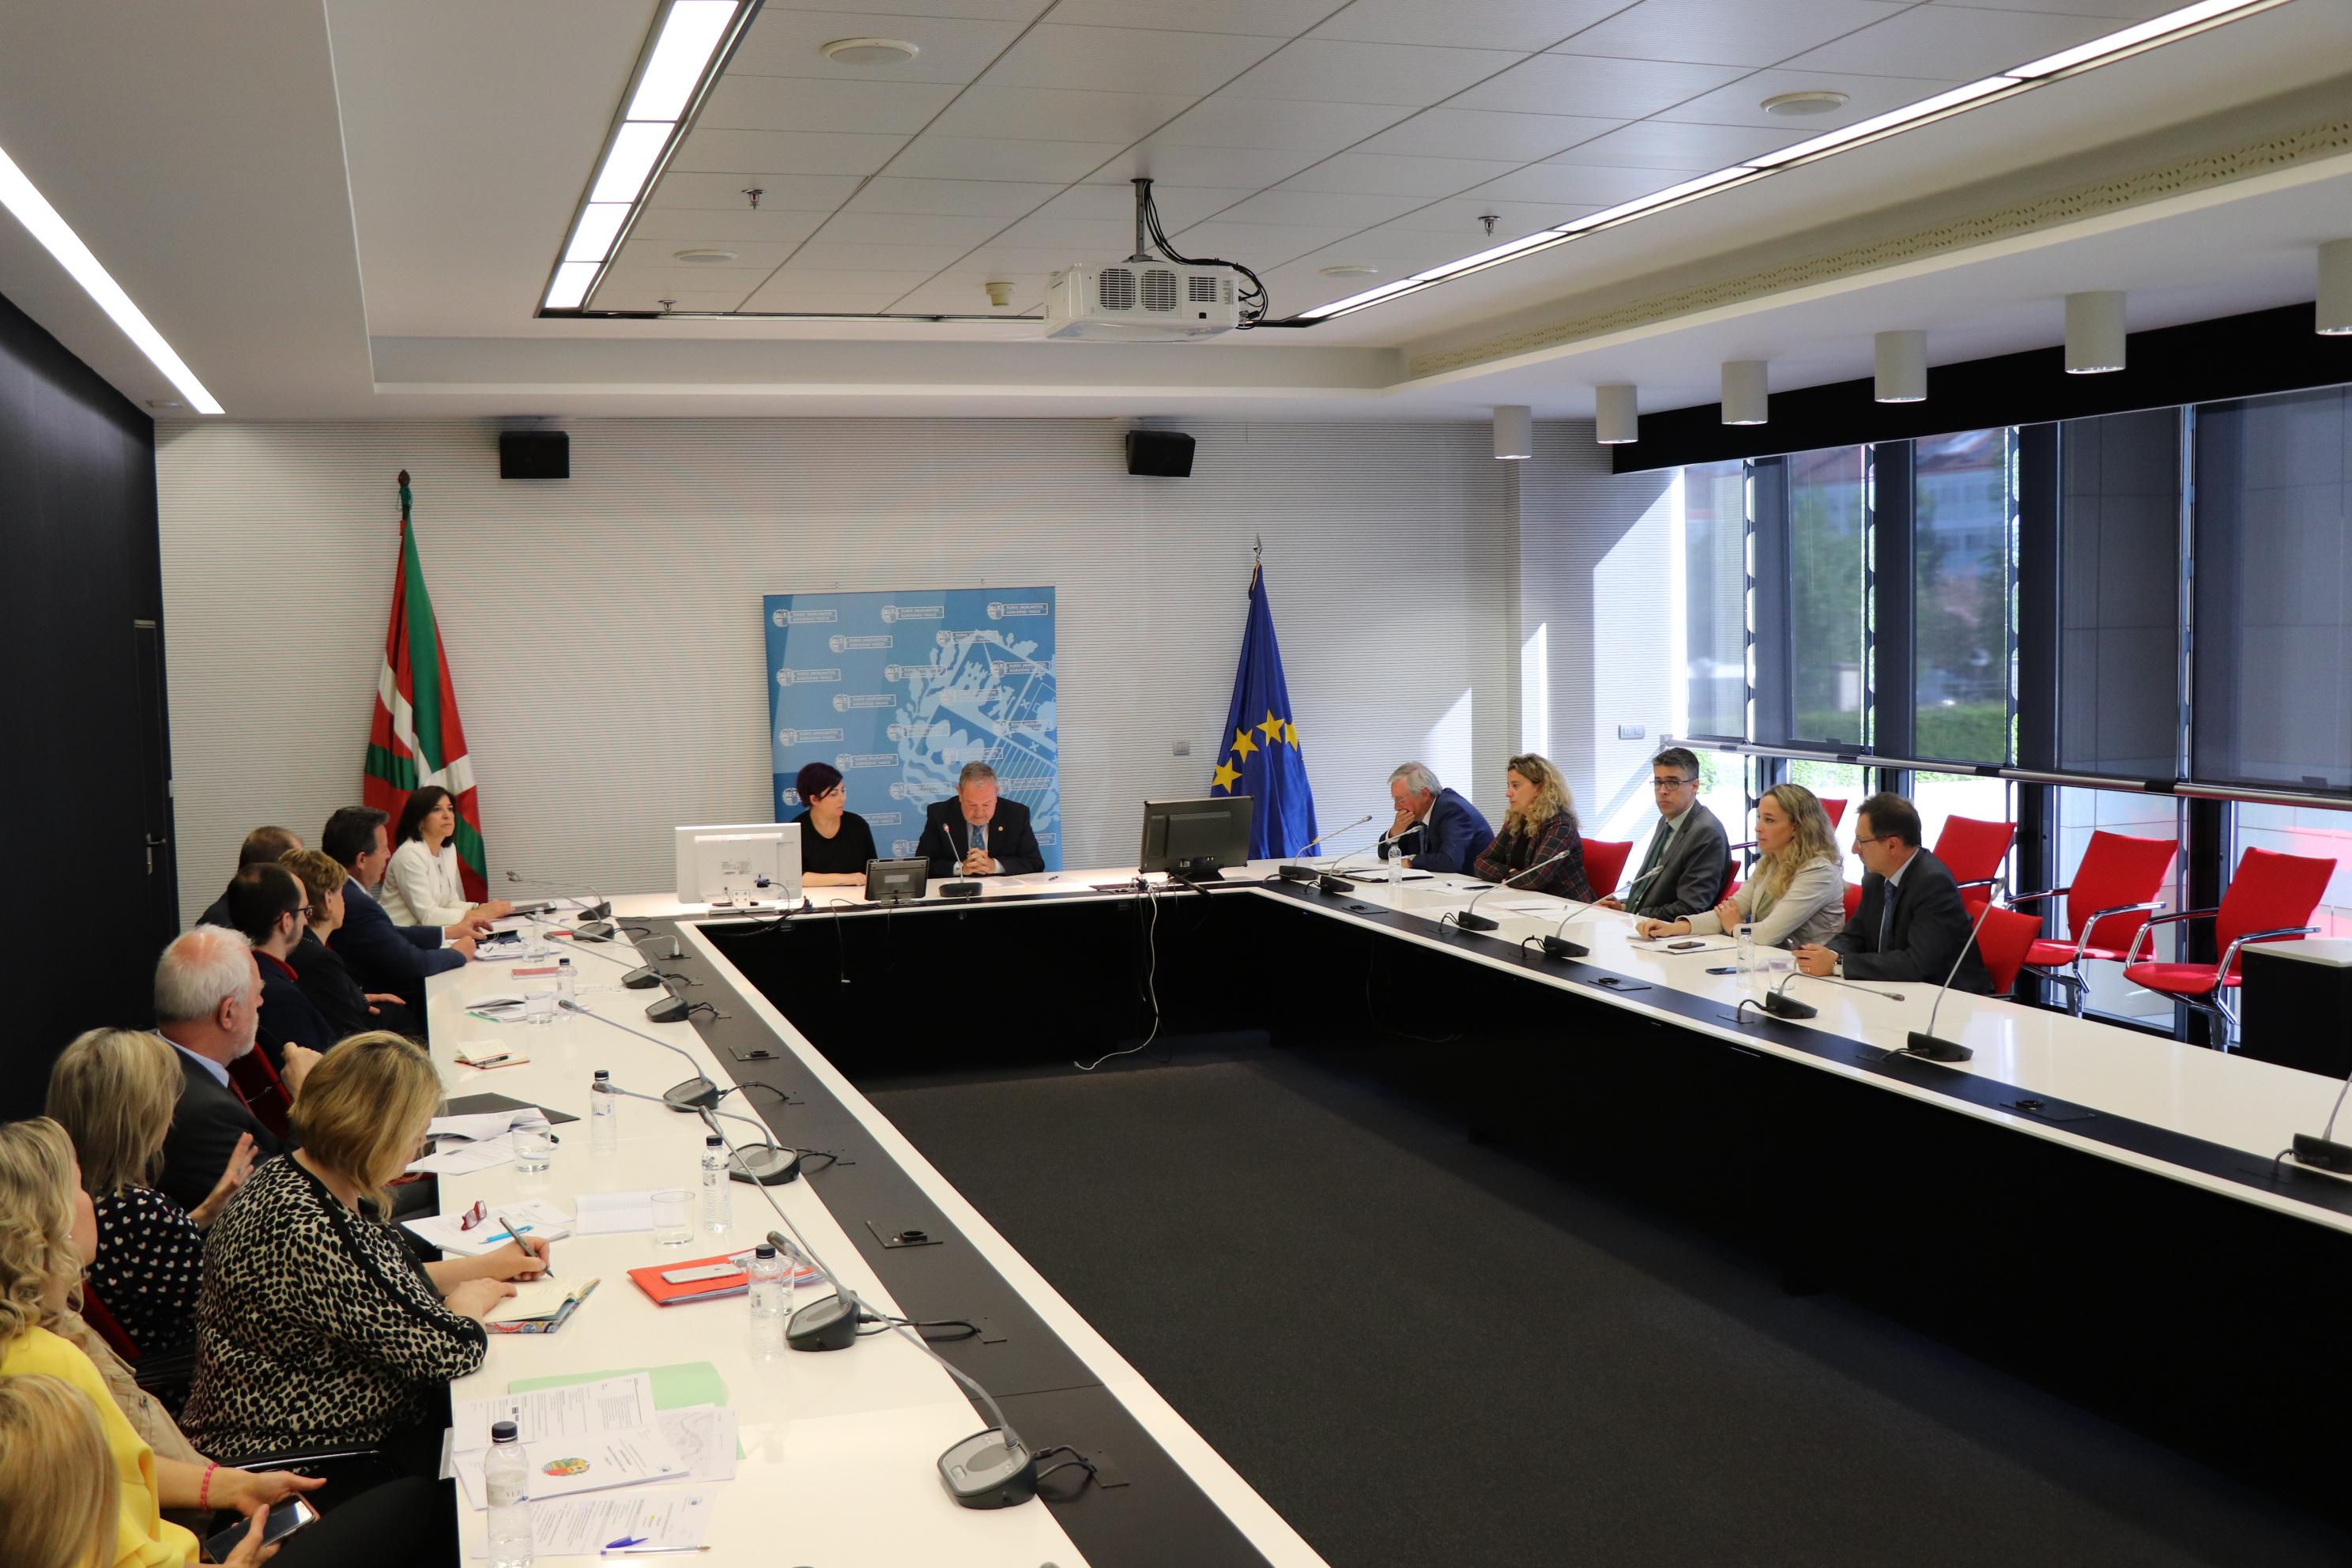 azpiazu_arriola_parlamento_europeo_02.jpg